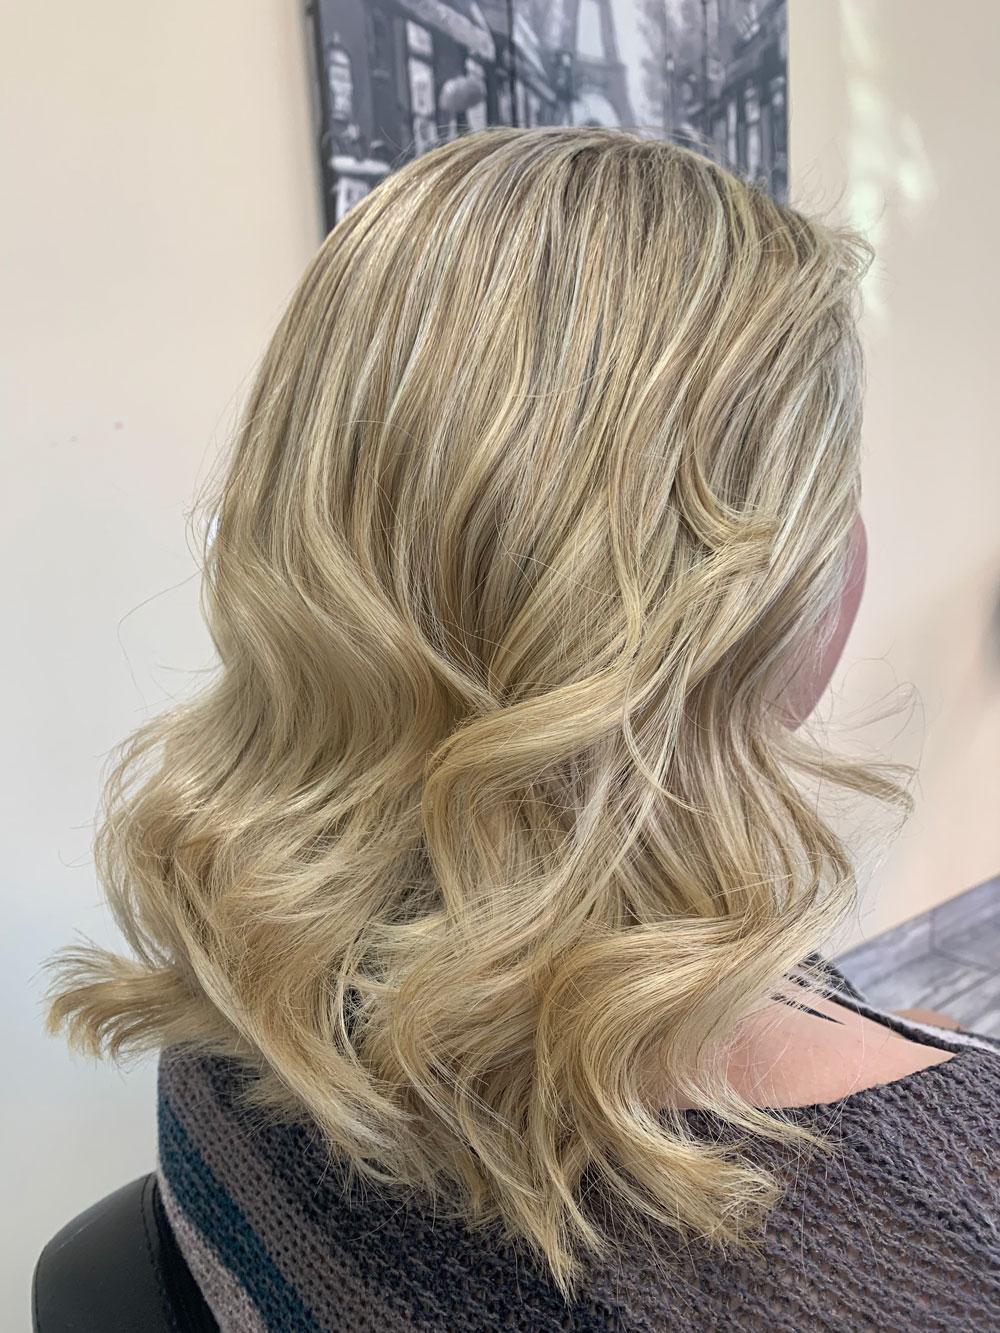 kramer-paris-hair-salon-0012